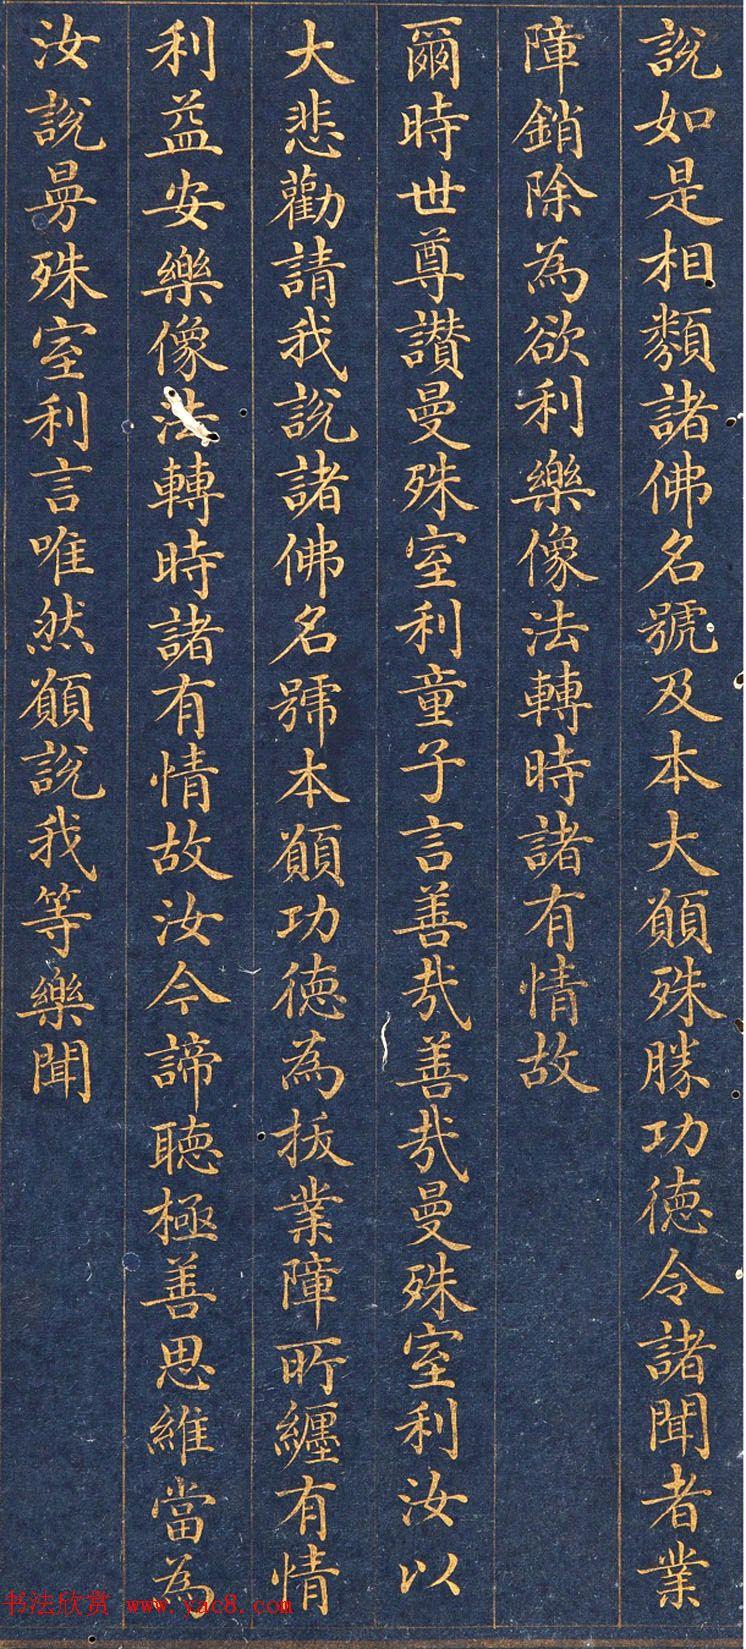 金粉楷书册页欣赏《药师琉璃光如来本愿功德经》